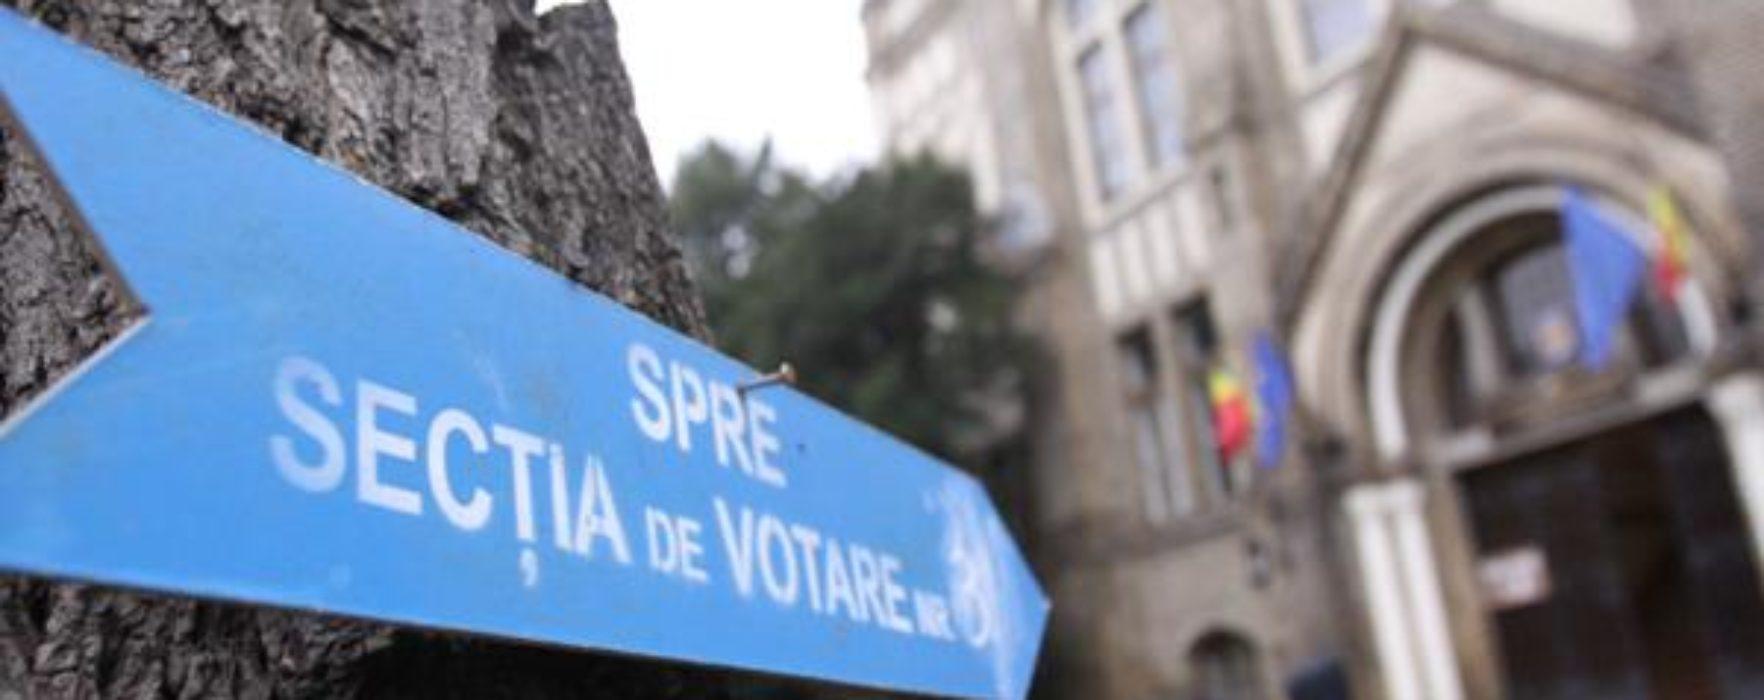 Locale2020 Dâmboviţa: PSD acuză că un candidat a fost ridicat de Poliţie din faţa secţiei de votare